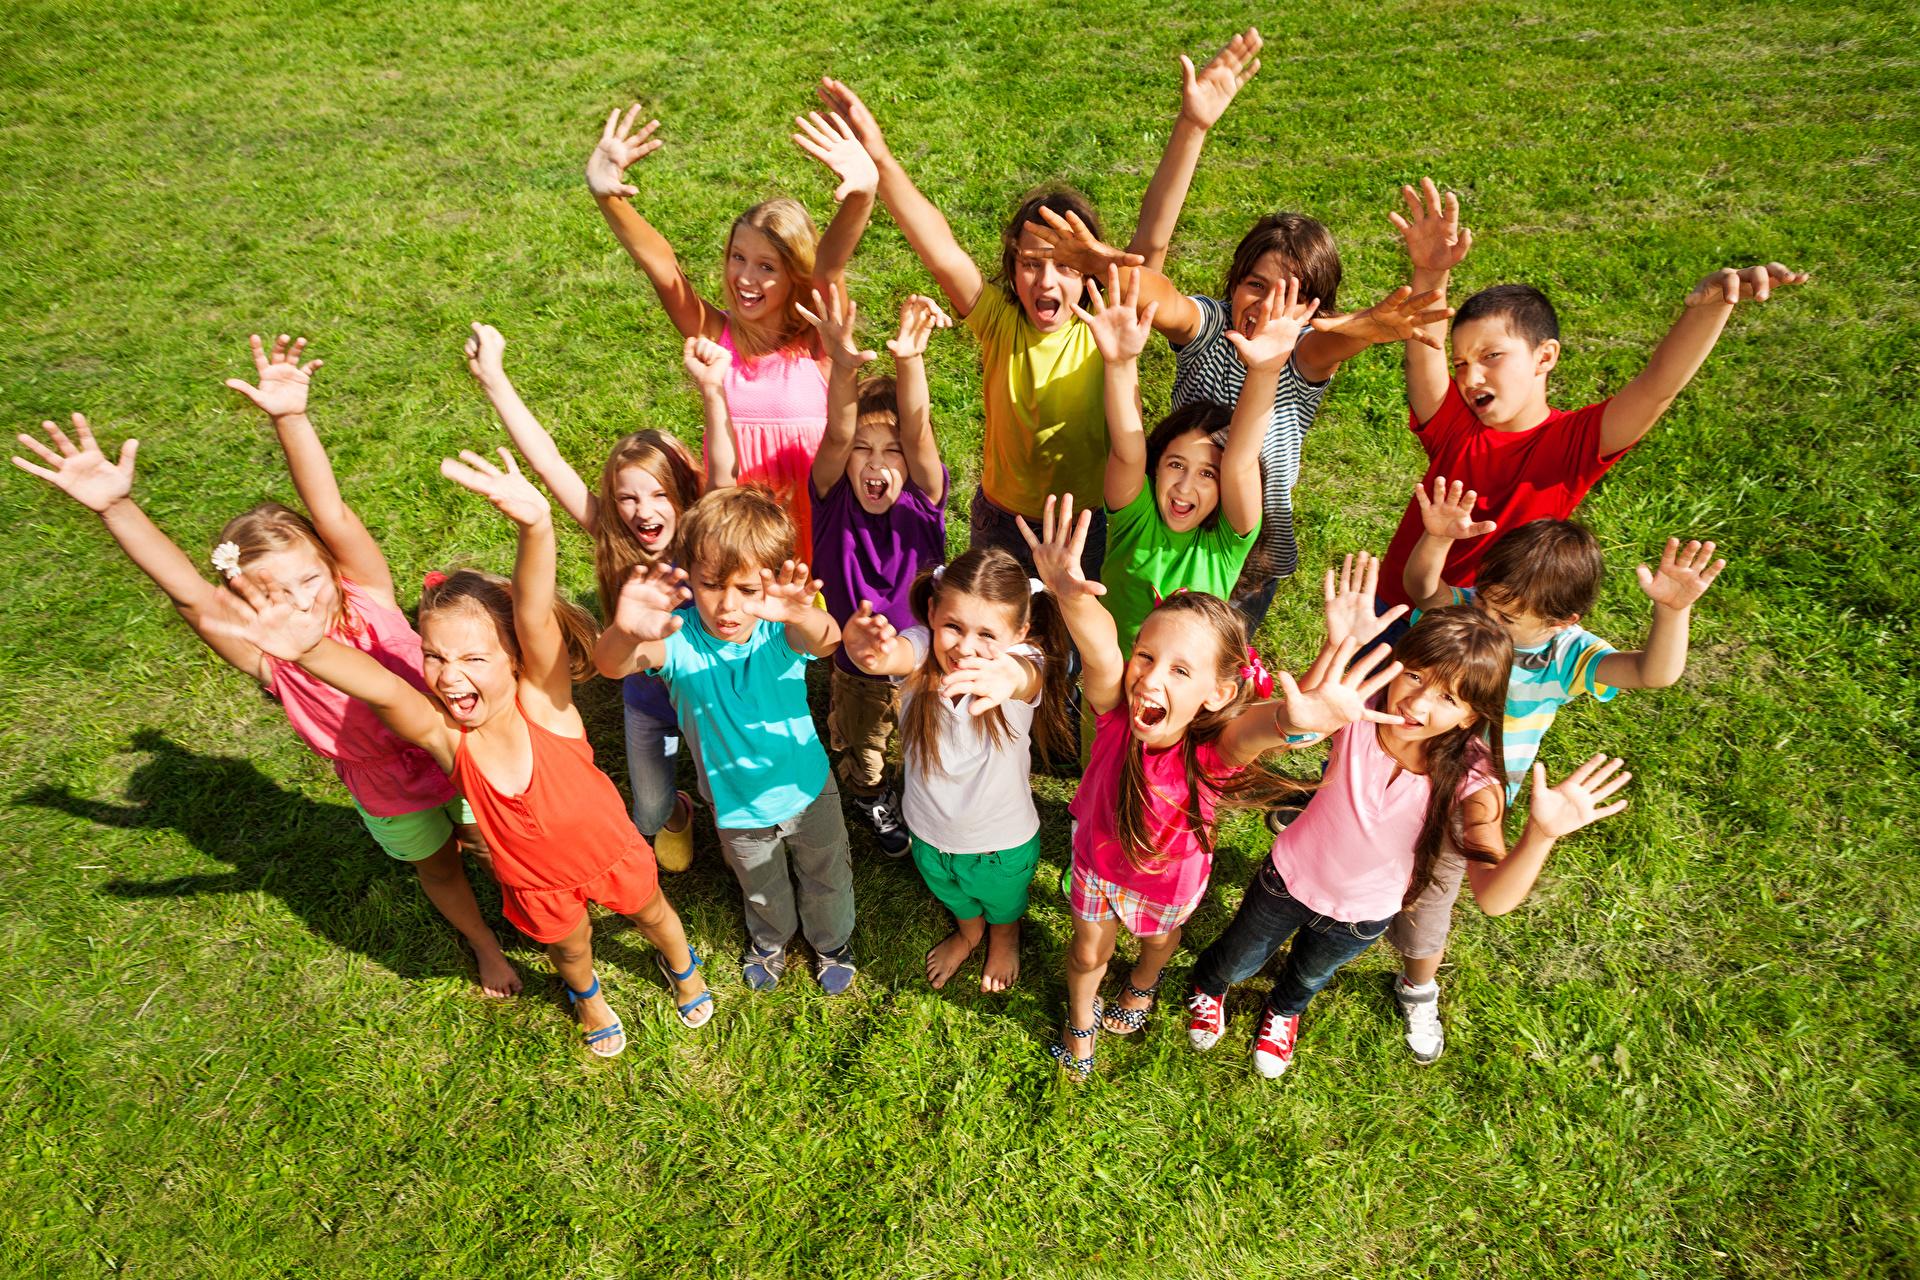 веселая фото с детьми можно сохранить своем